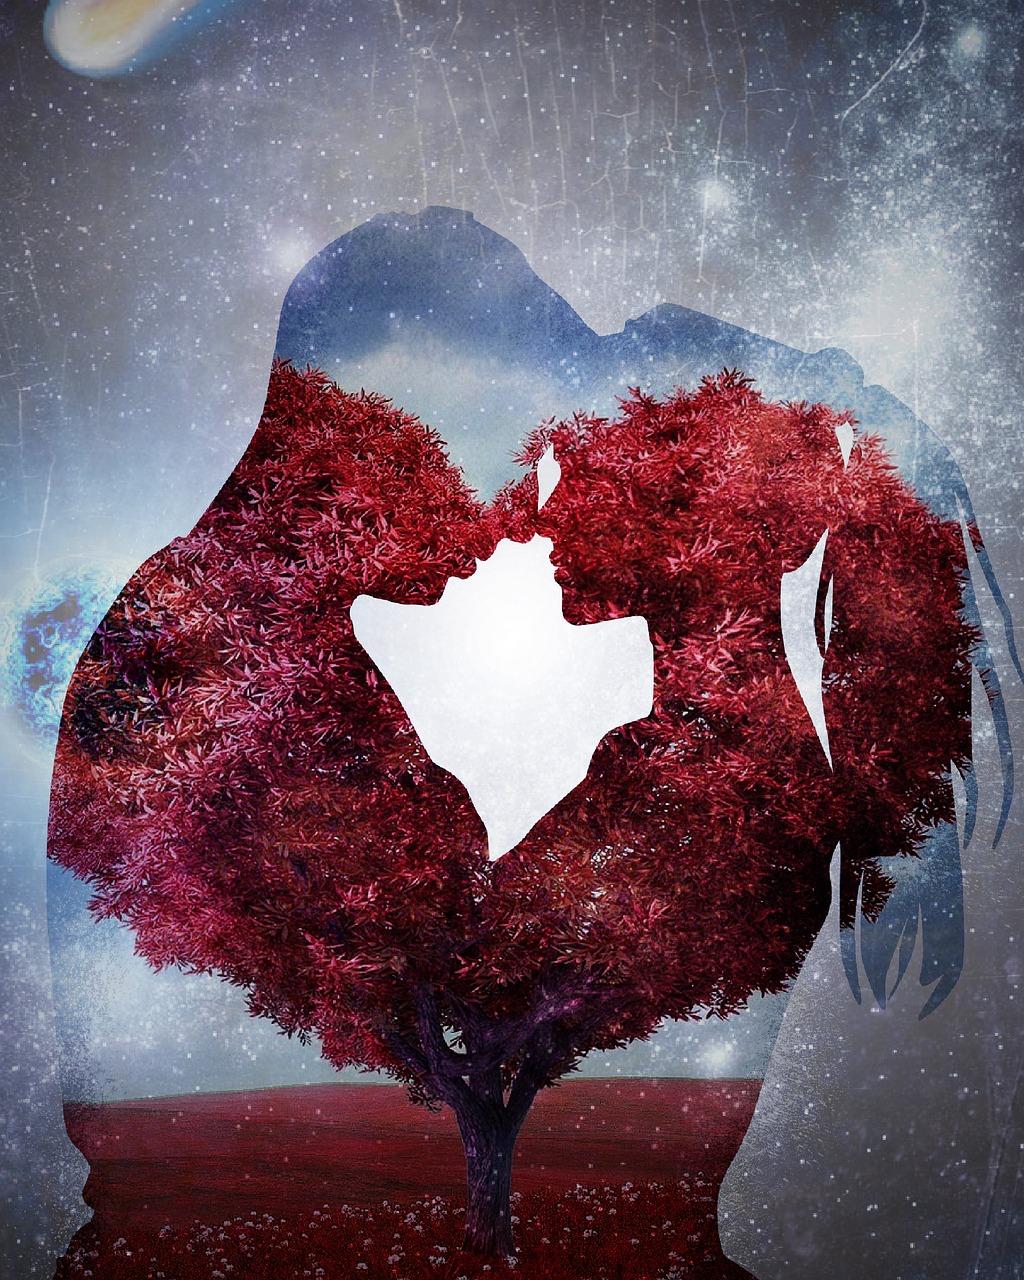 صورة صور حب ساخنة , اجمل الصور المعبرة عن الحب كلها رومانسية